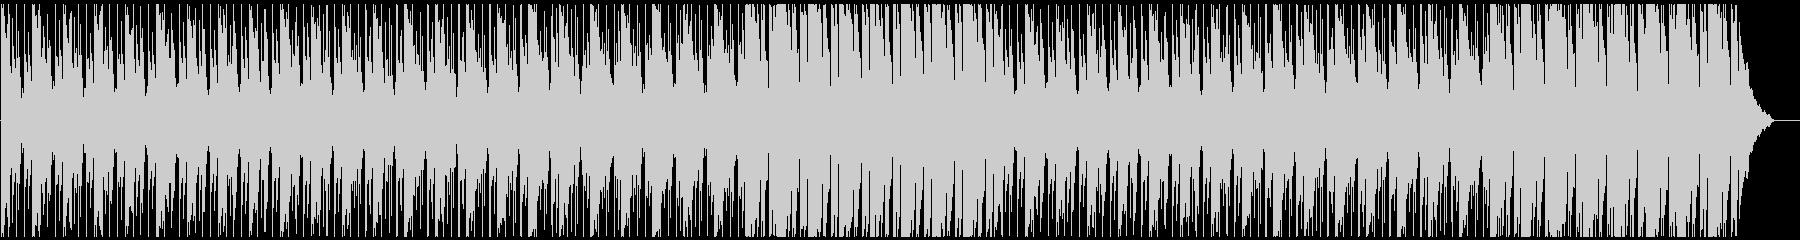 企業VPに 穏やか・温かい ピアノメインの未再生の波形